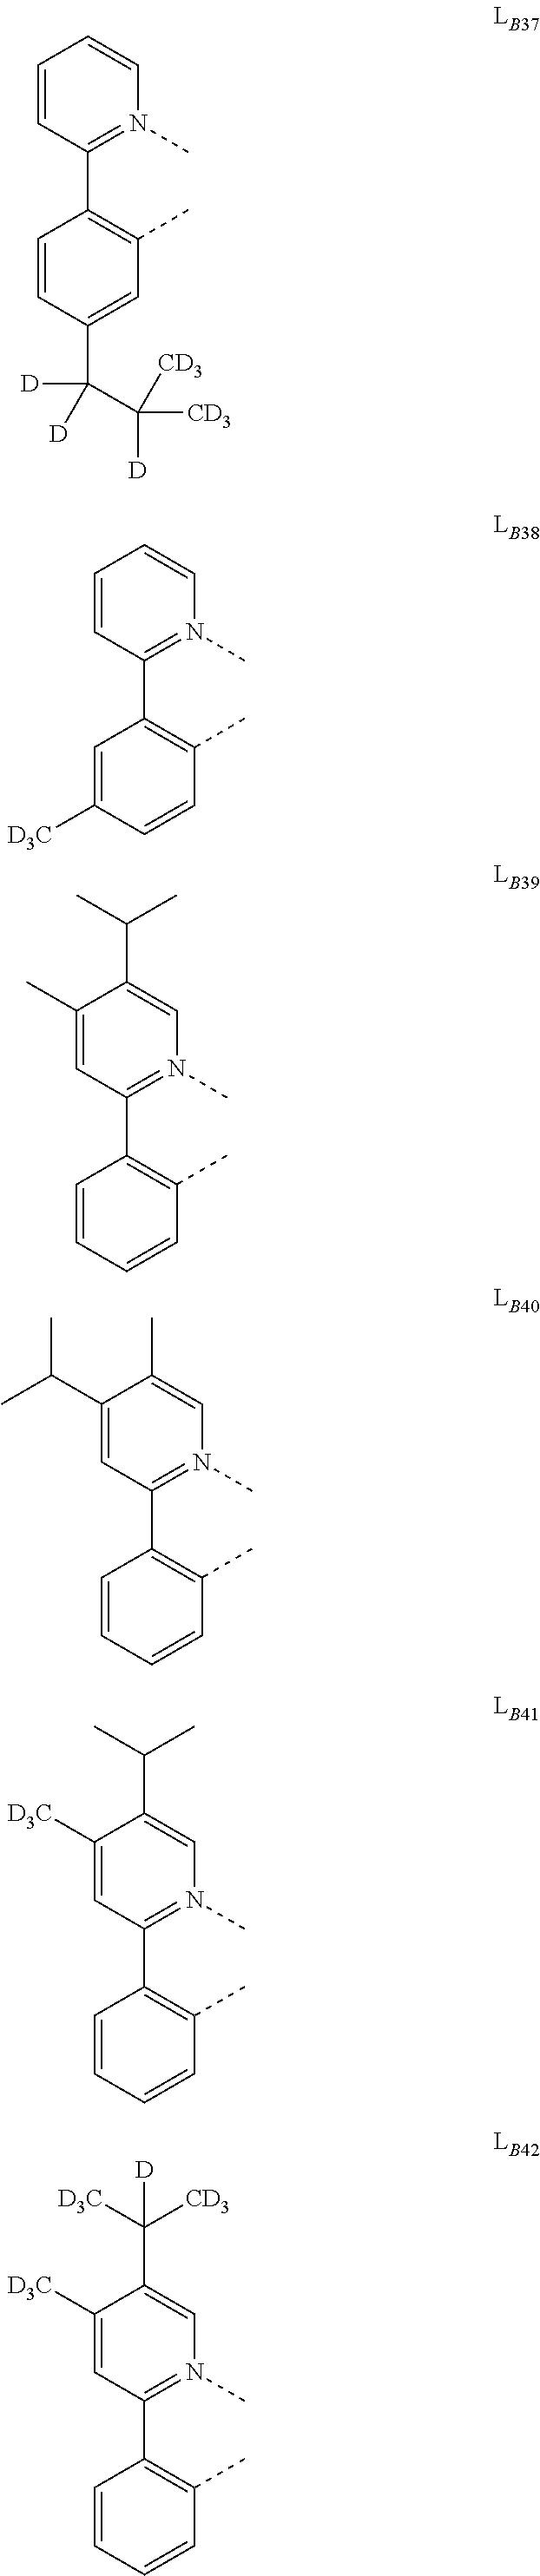 Figure US20180130962A1-20180510-C00267